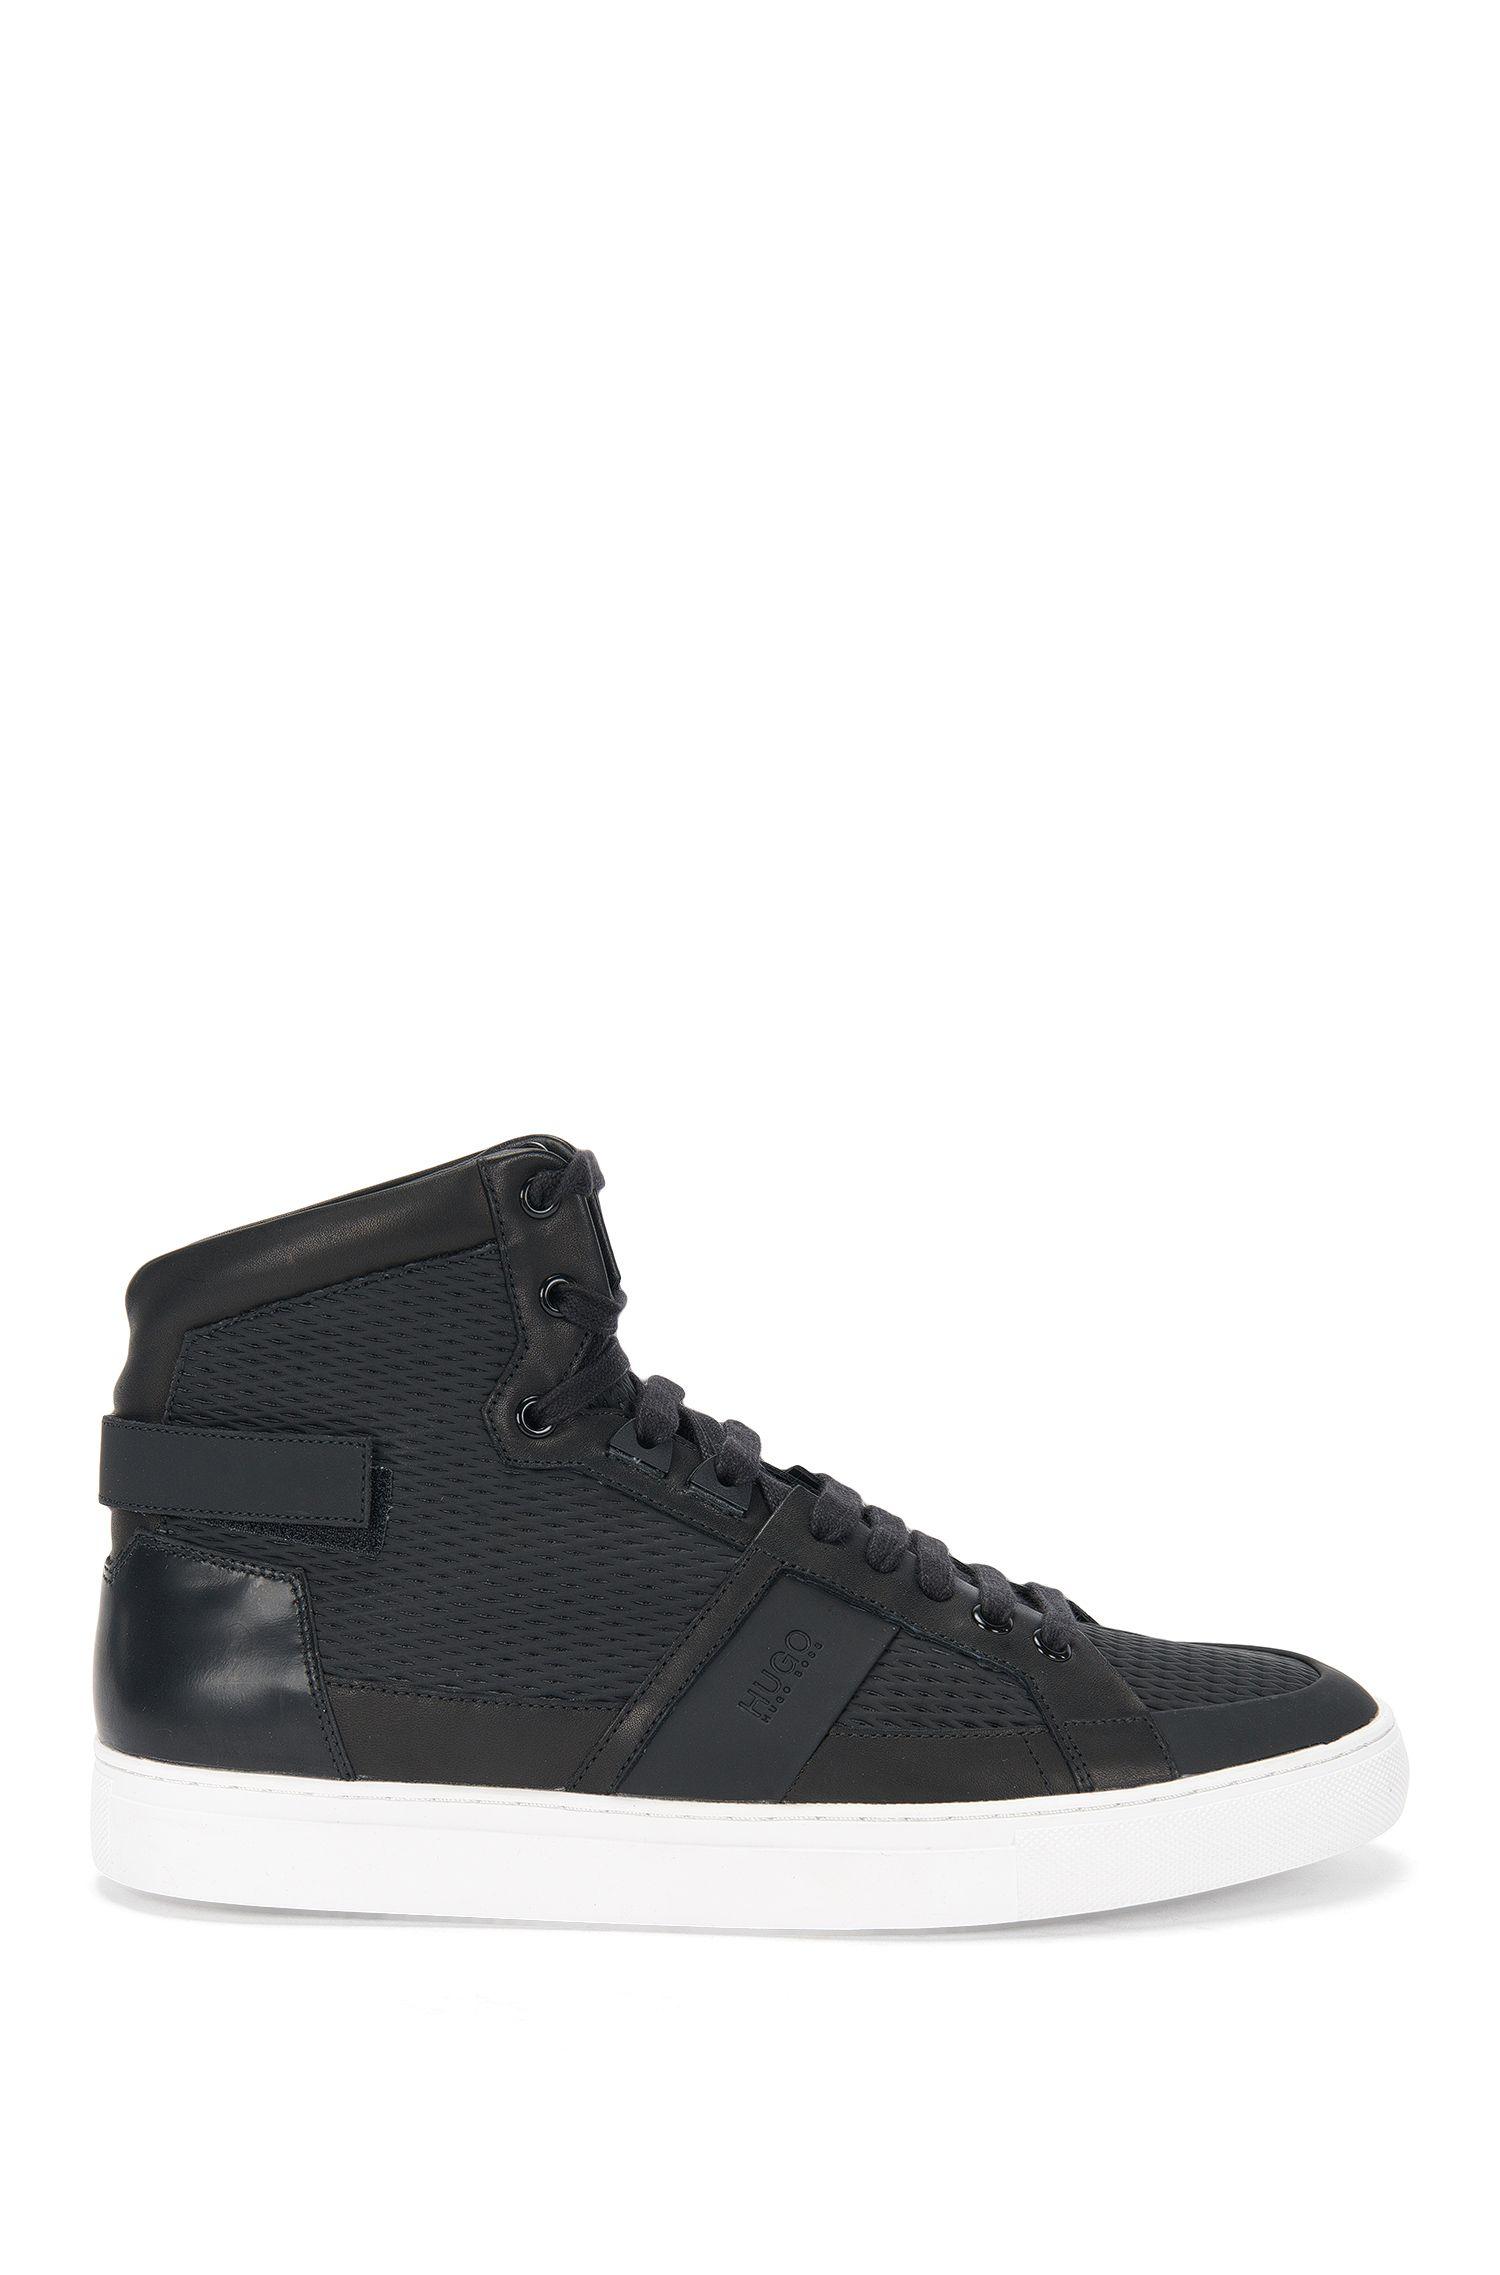 High Top Sneakers aus Leder mit perforierten Einsätzen: 'Futurism_Hito_ltrb'